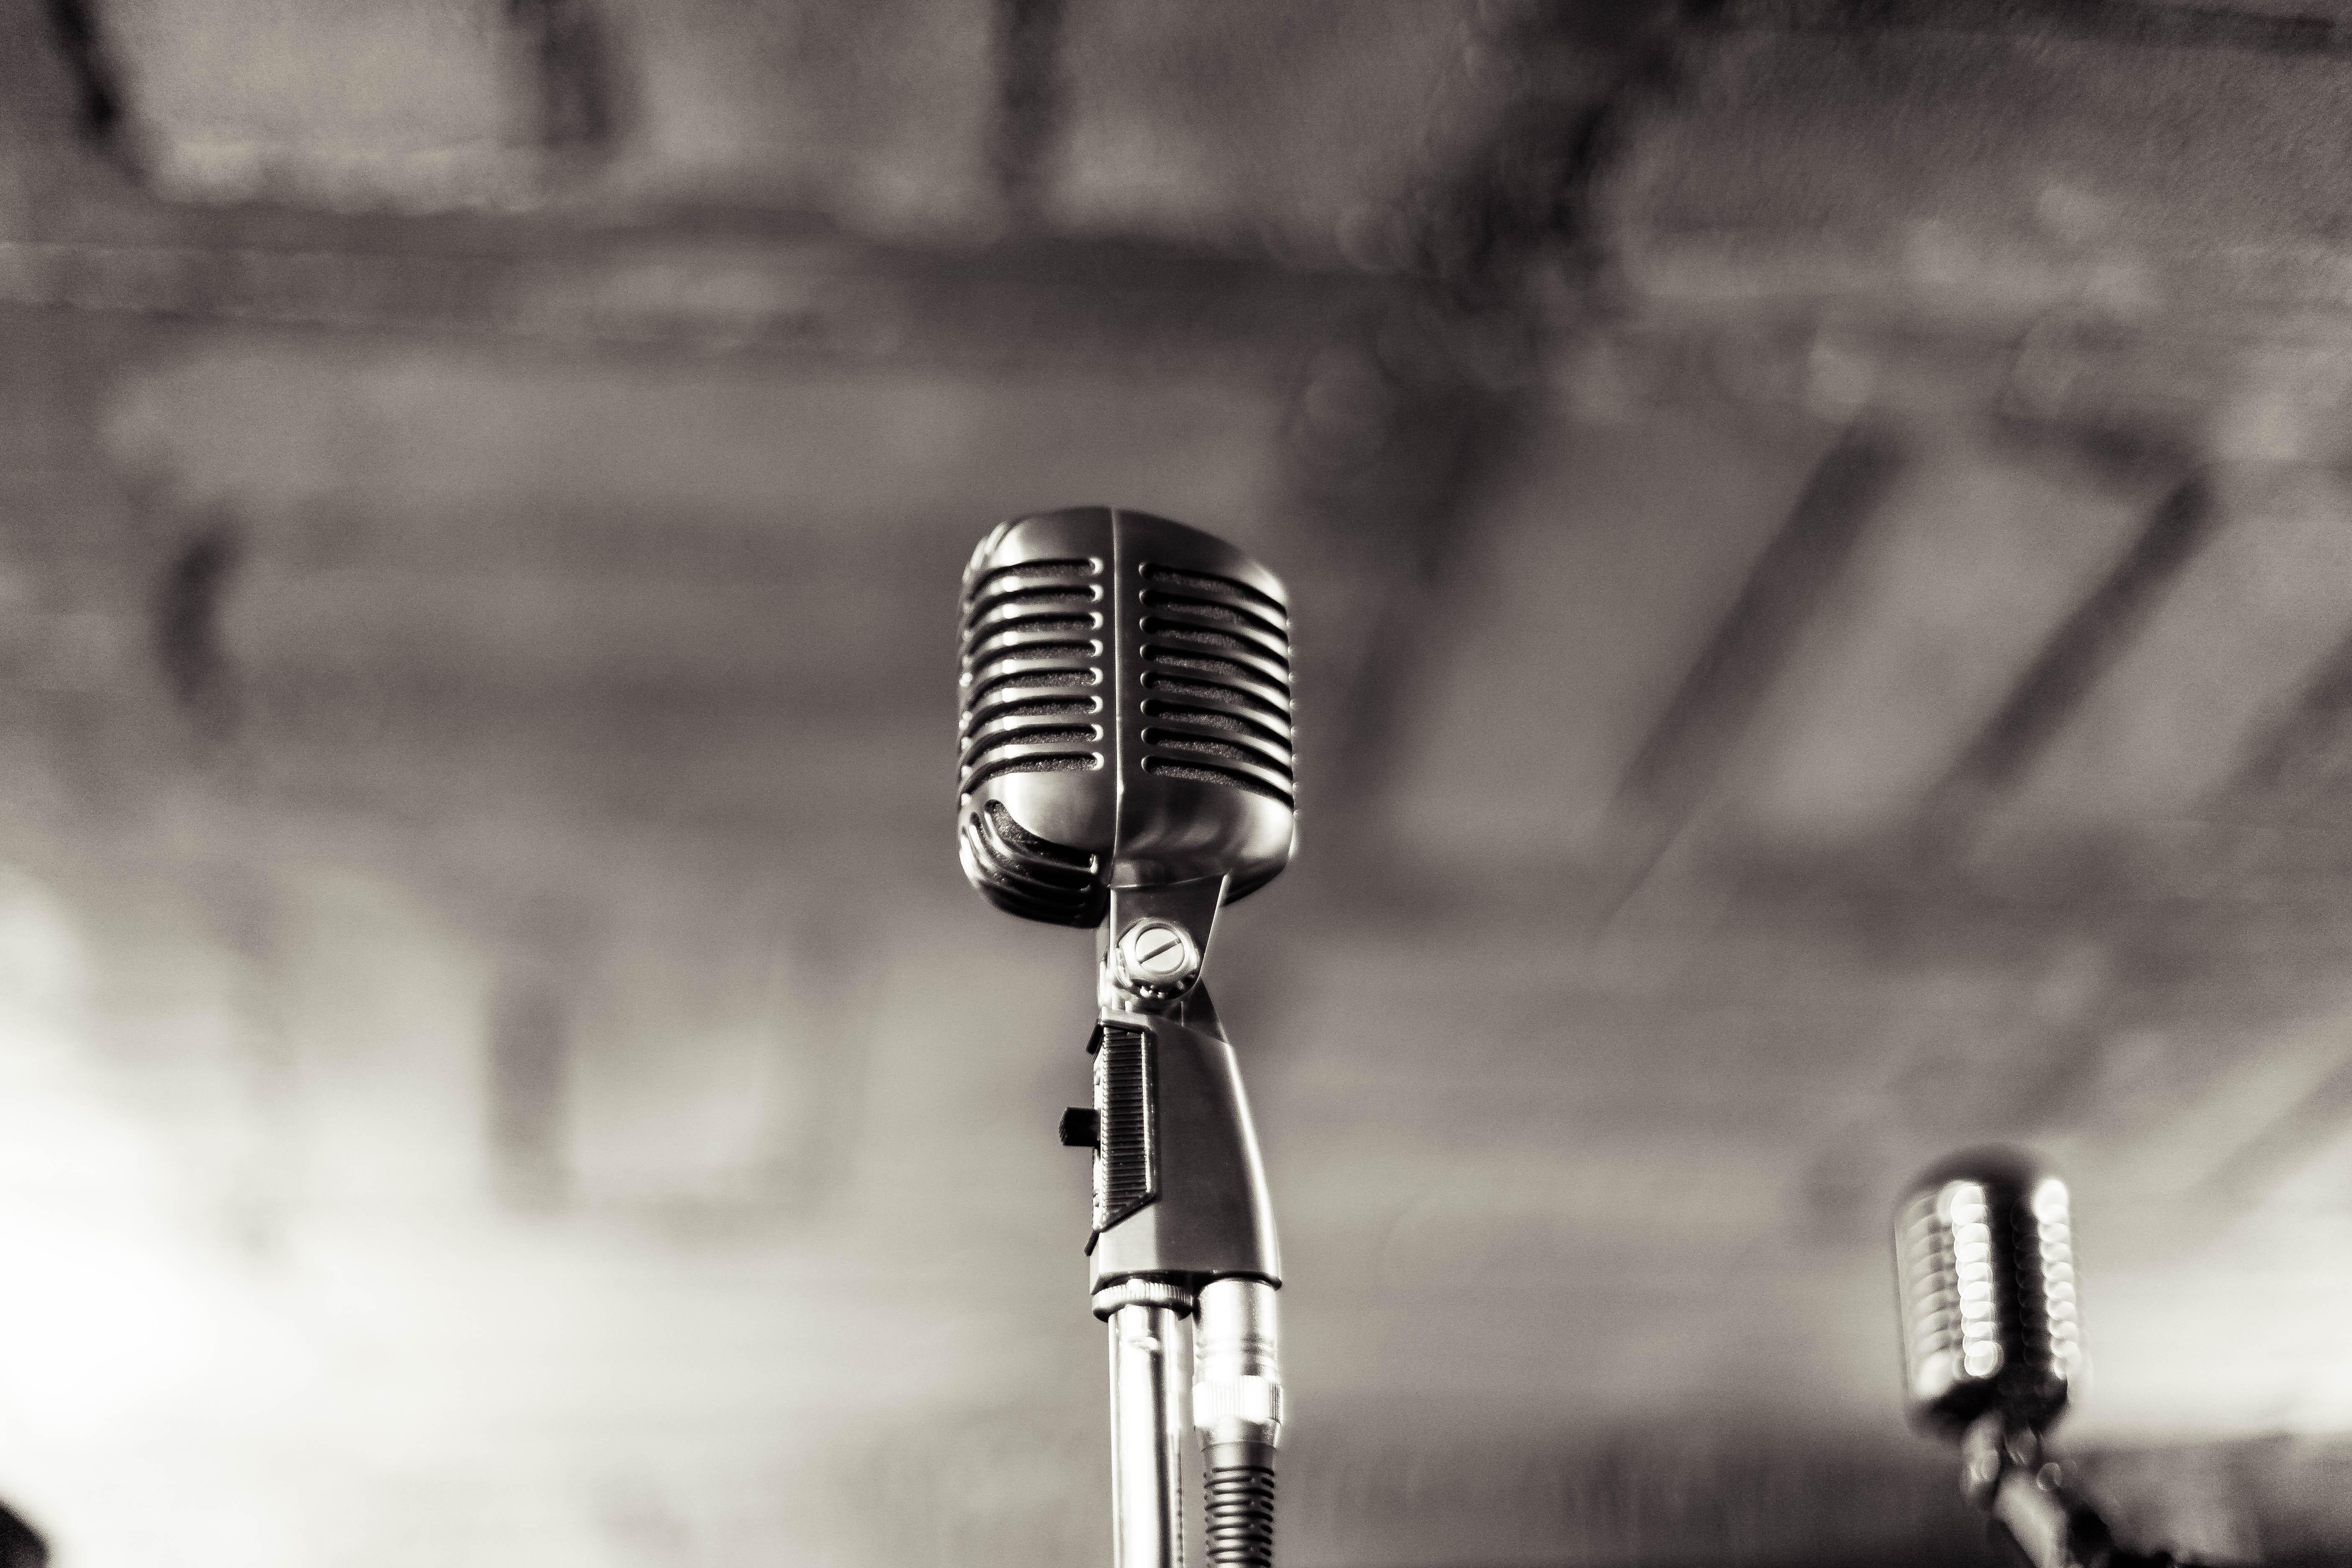 night-vintage-music-bokeh.jpg (5616×3744)